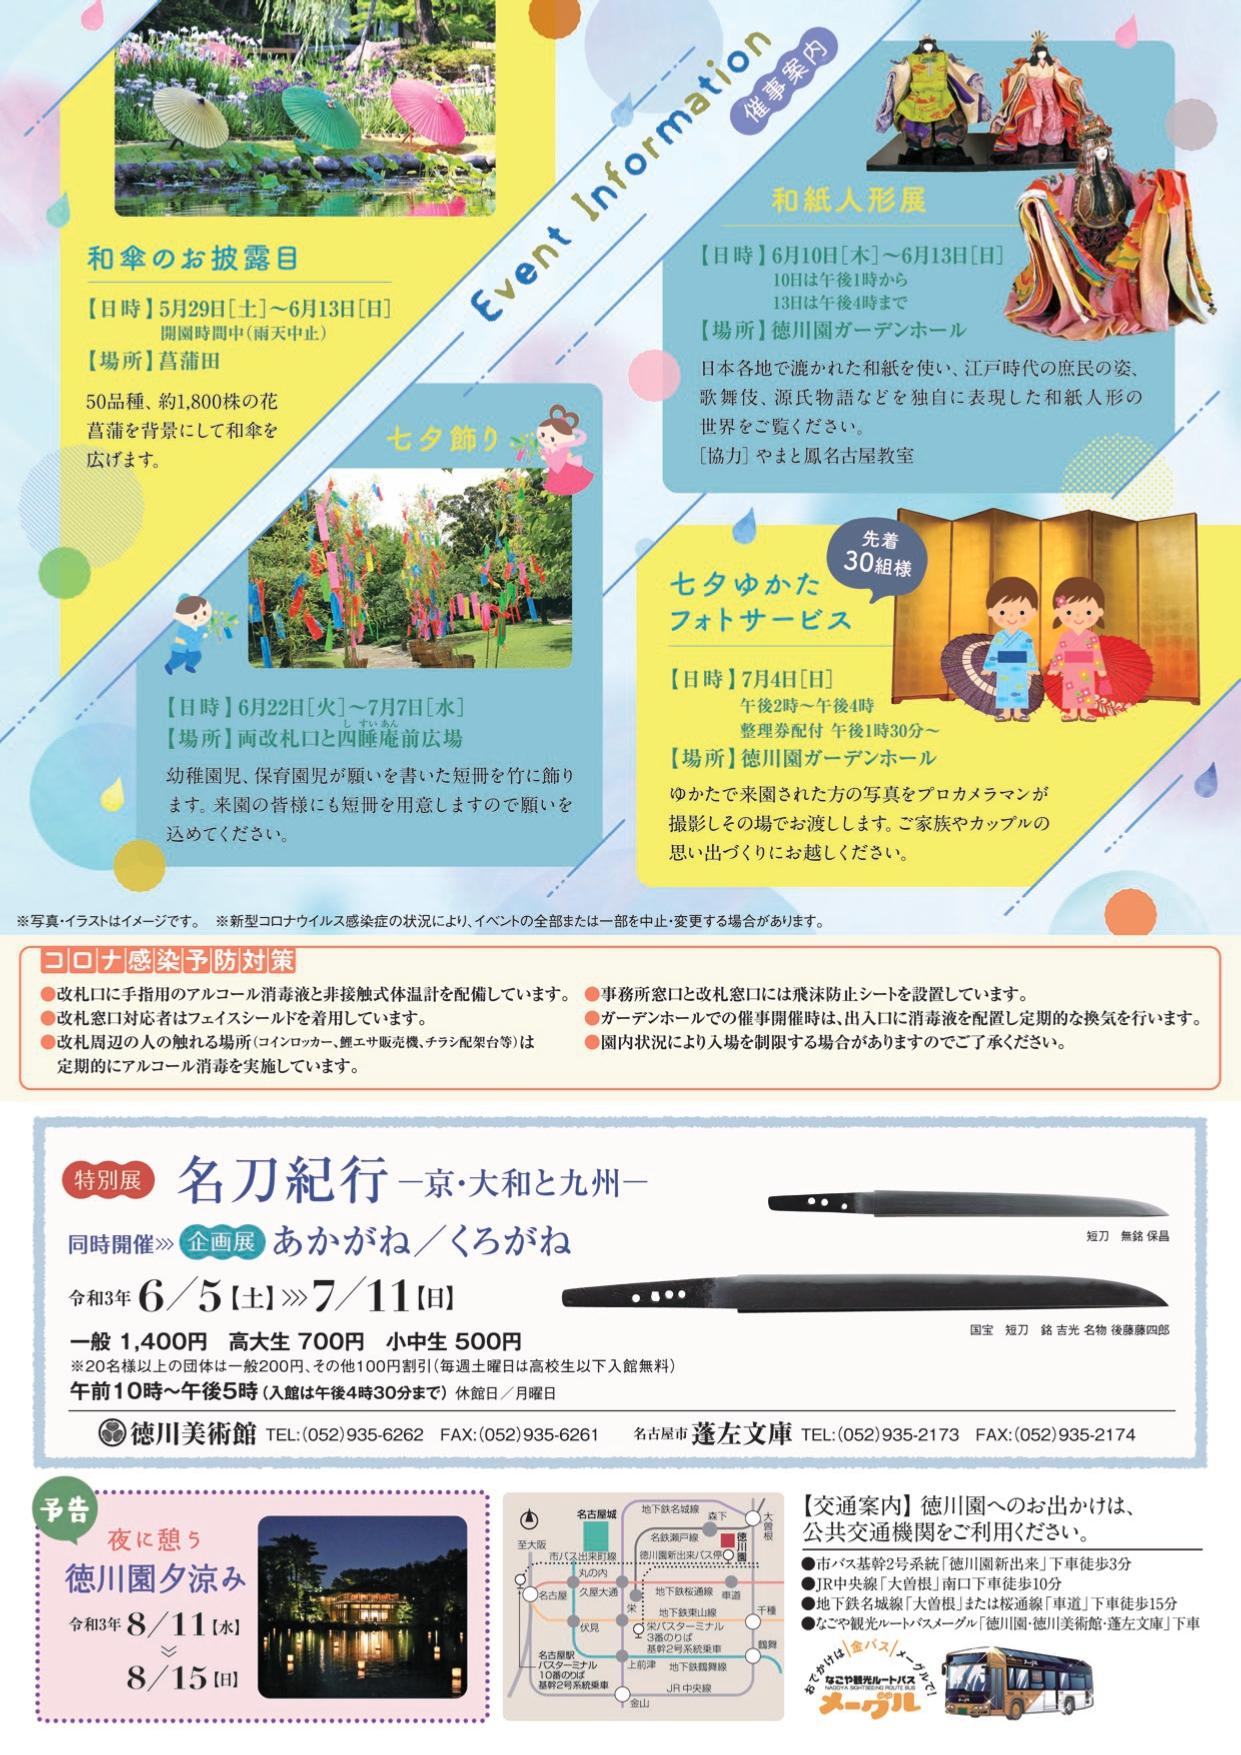 5/29~7/7 ~雨を聴く~「徳川園の和傘」②